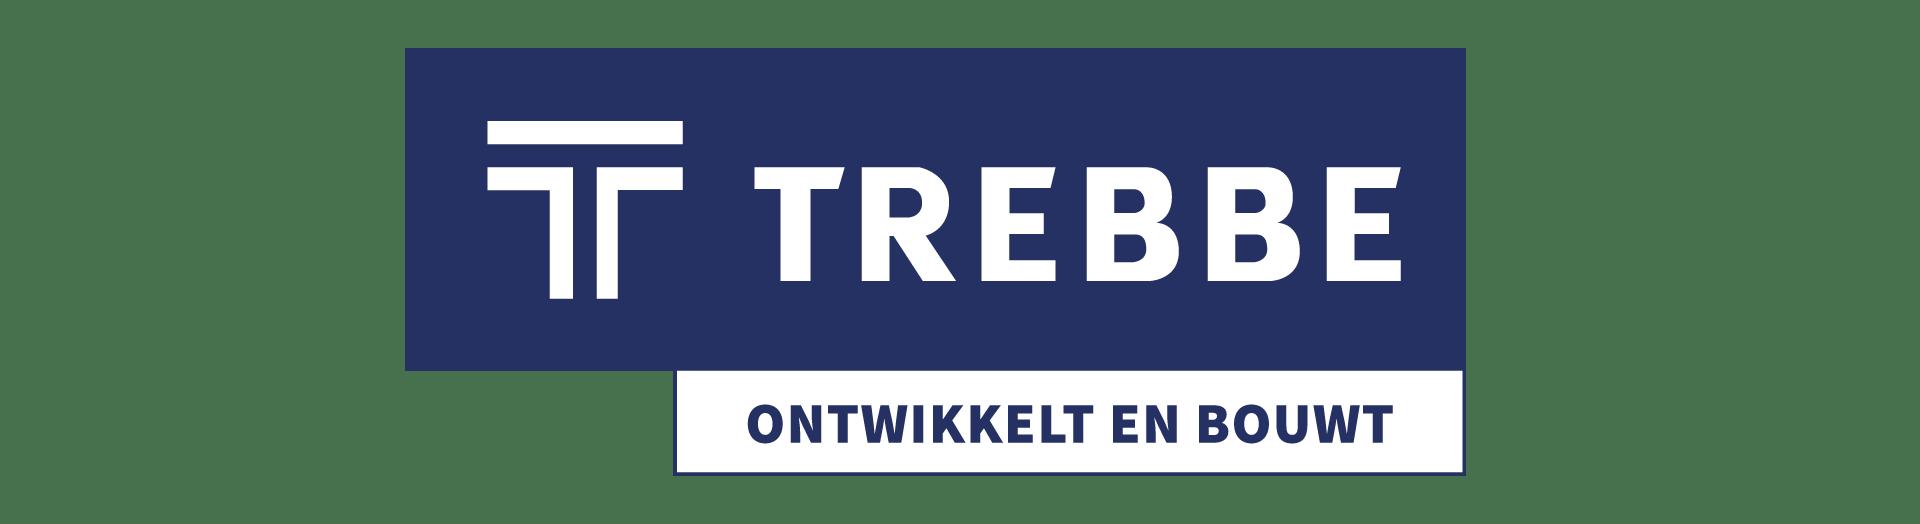 Logo Trebbe Bouw